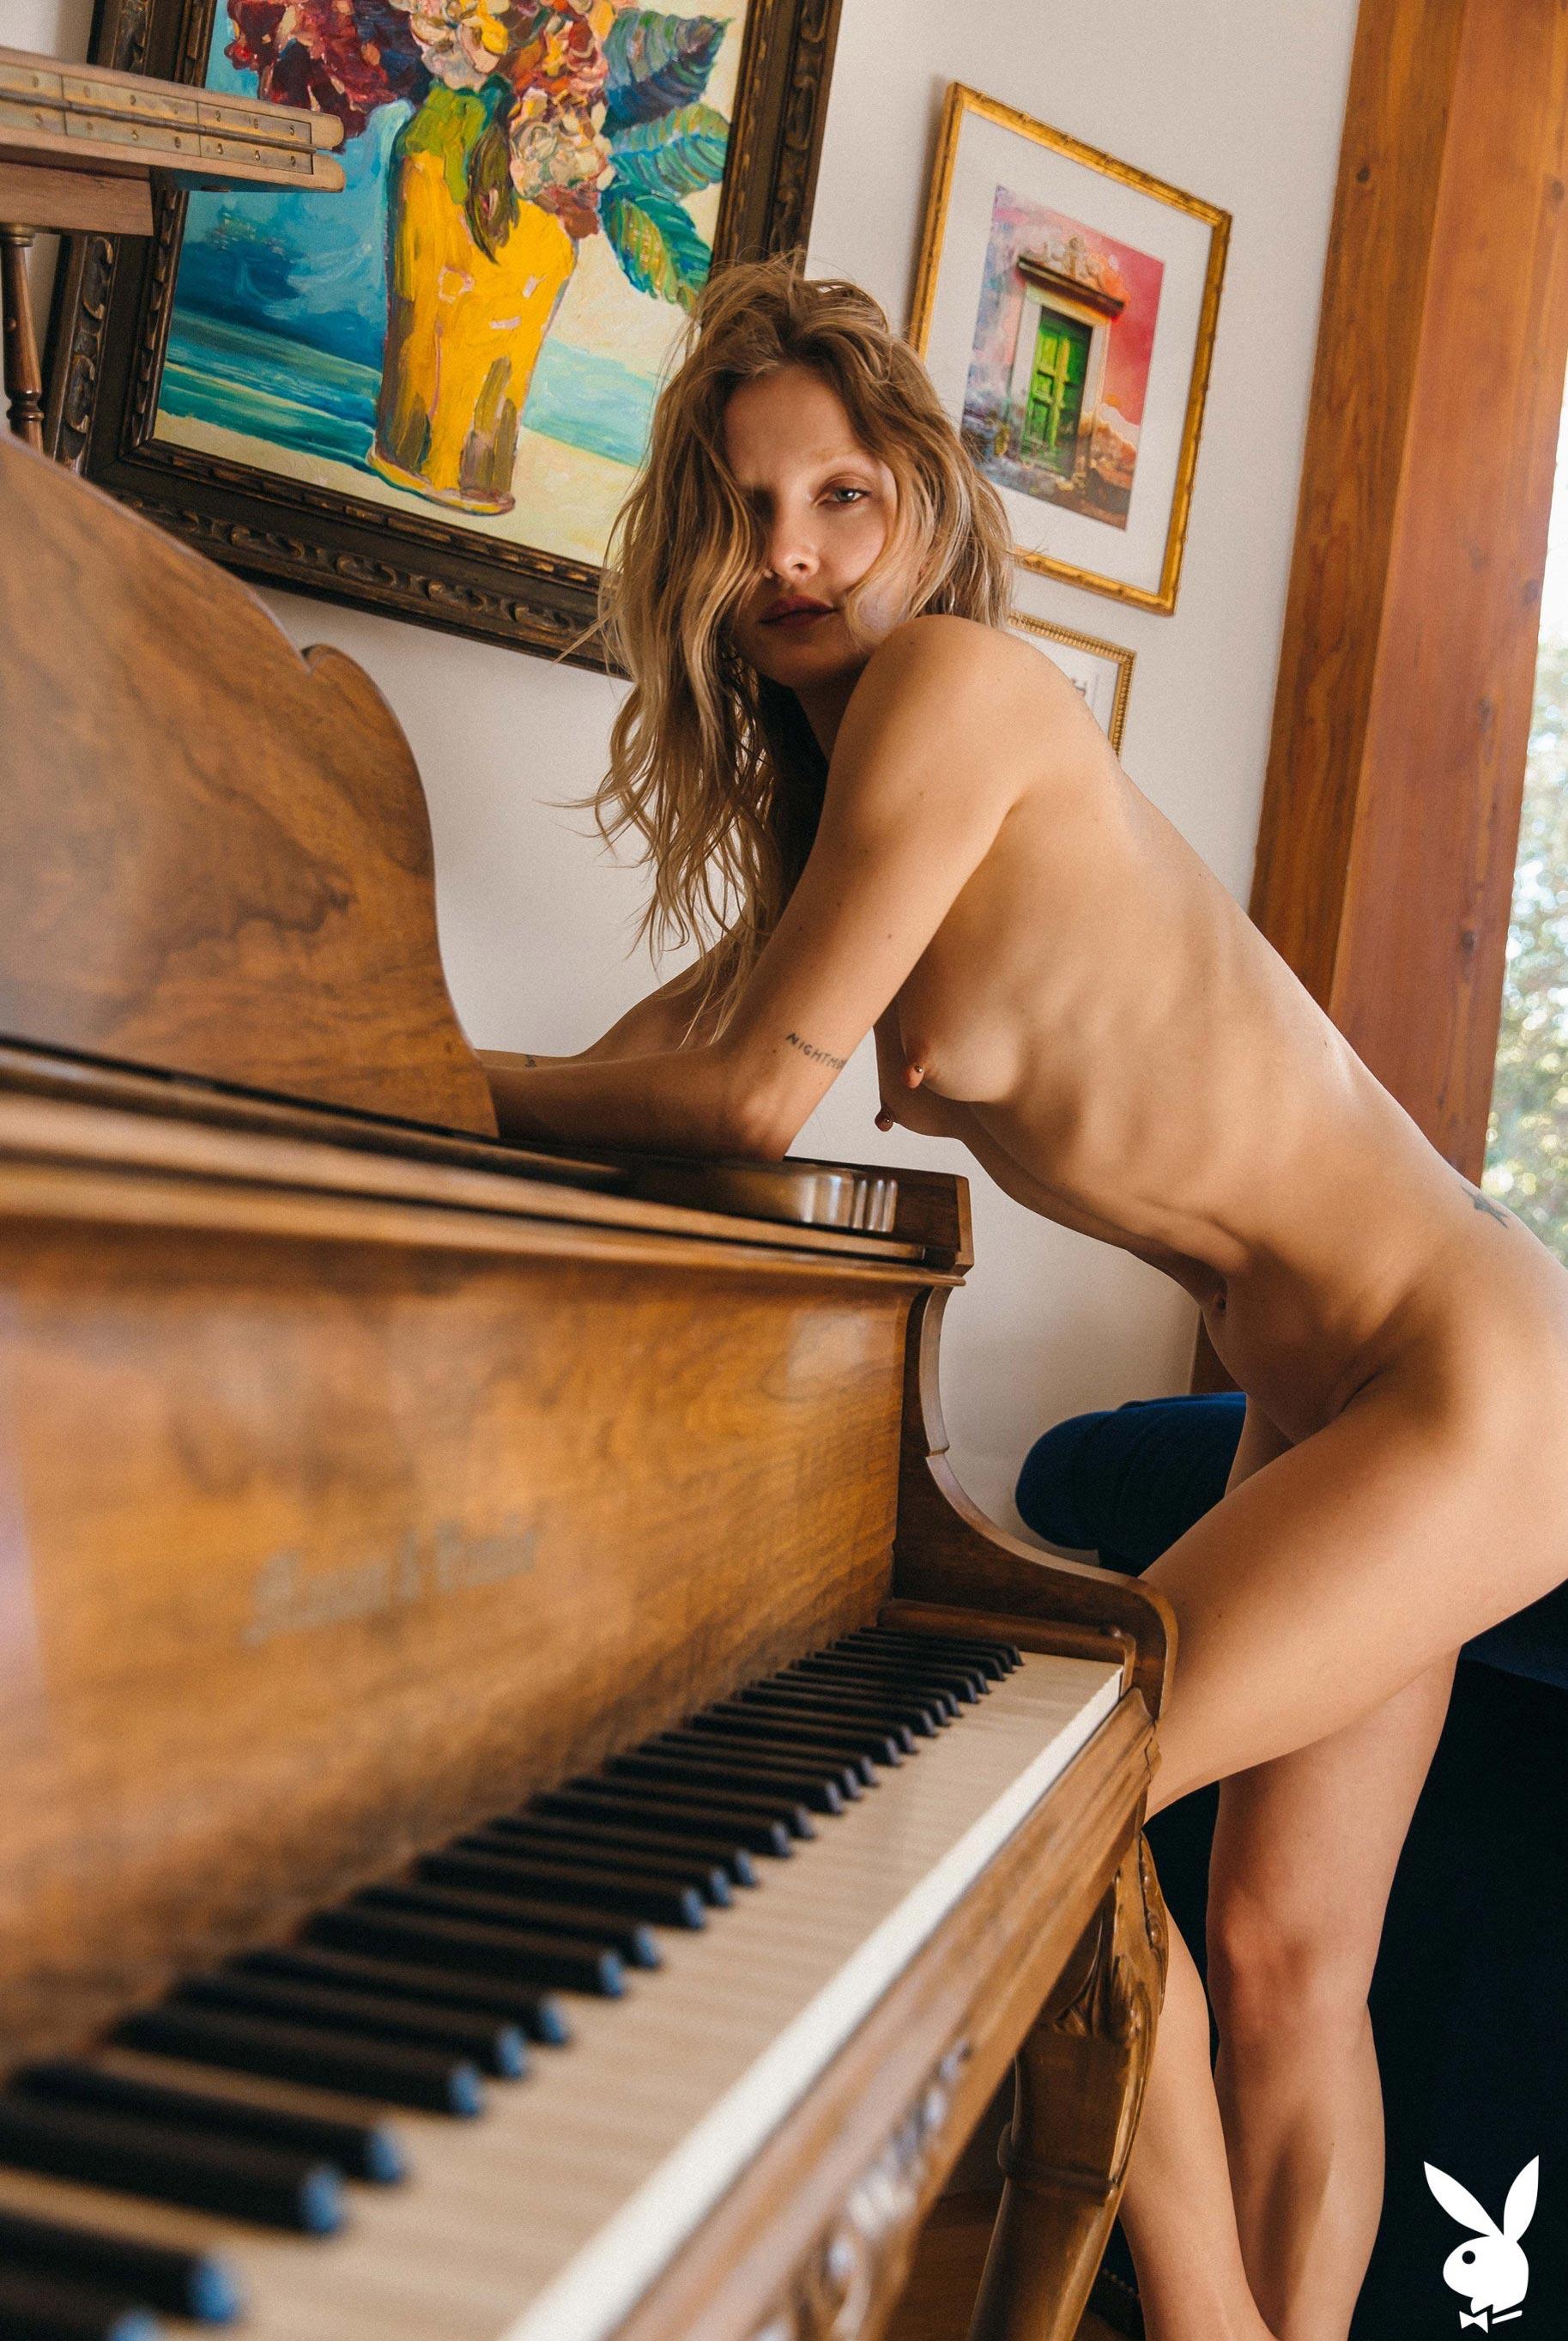 студентка и модель, голая у пианино / фото 07